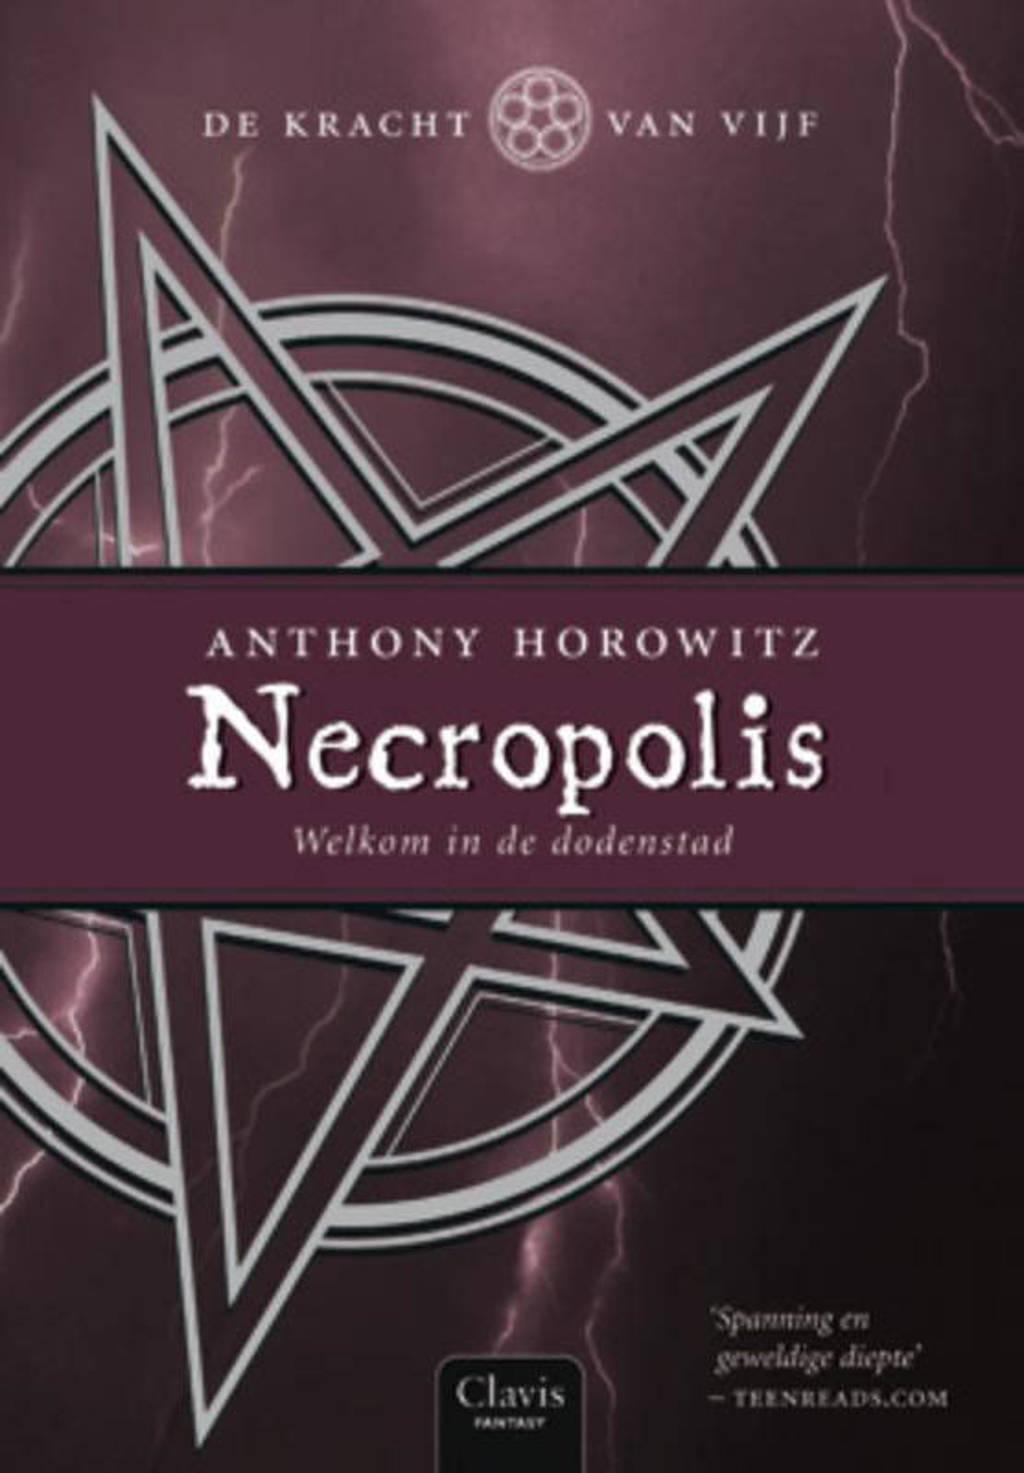 De kracht van Vijf: Necropolis - Anthony Horowitz